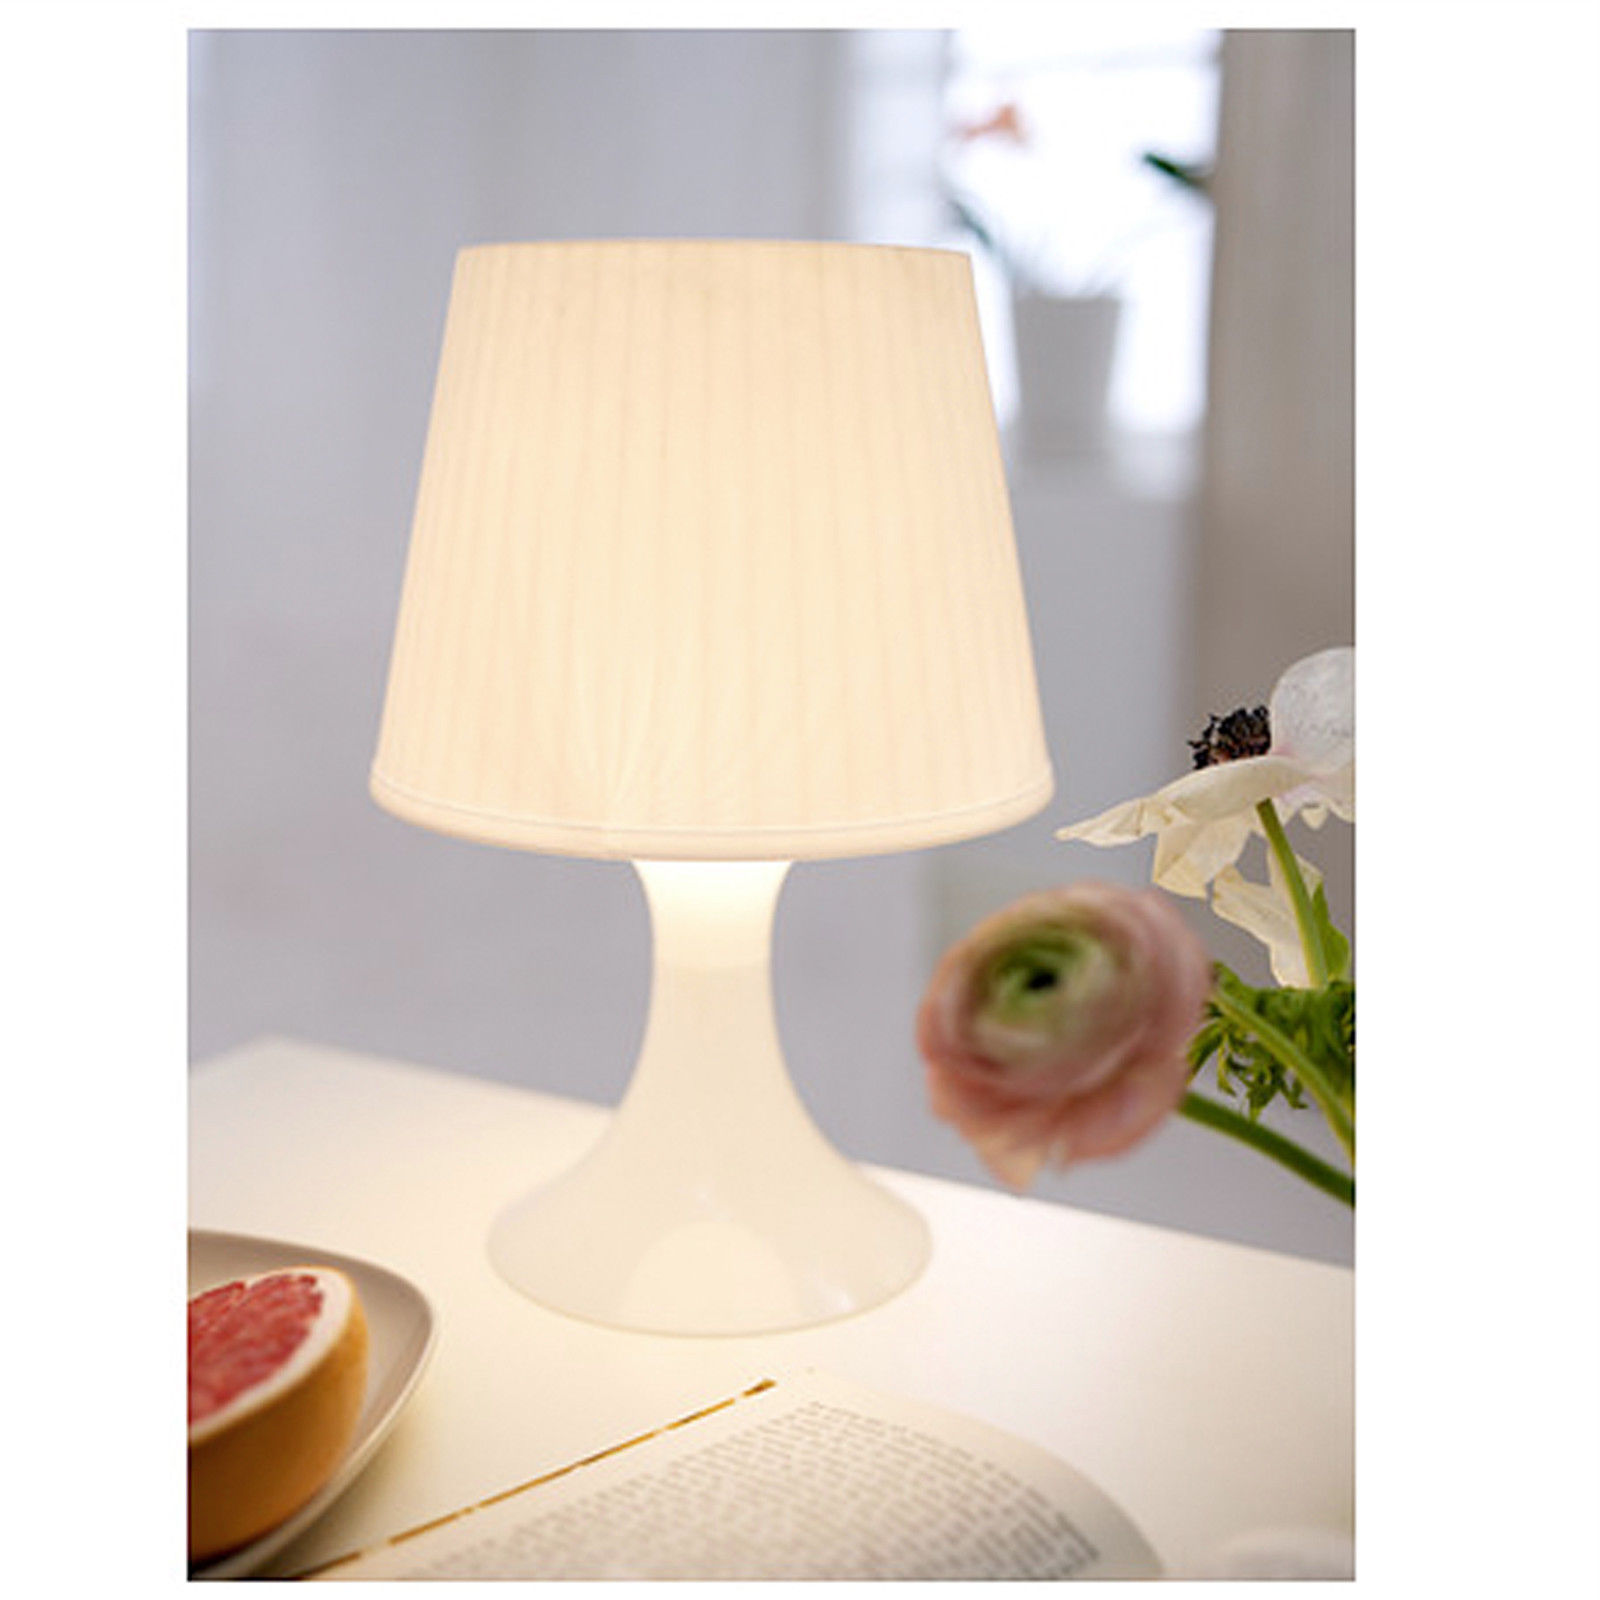 ikea lampan tischlampe wei nachttischlampe regalleuchte wohnzimmerleuchte neu traumfabrik xxl. Black Bedroom Furniture Sets. Home Design Ideas